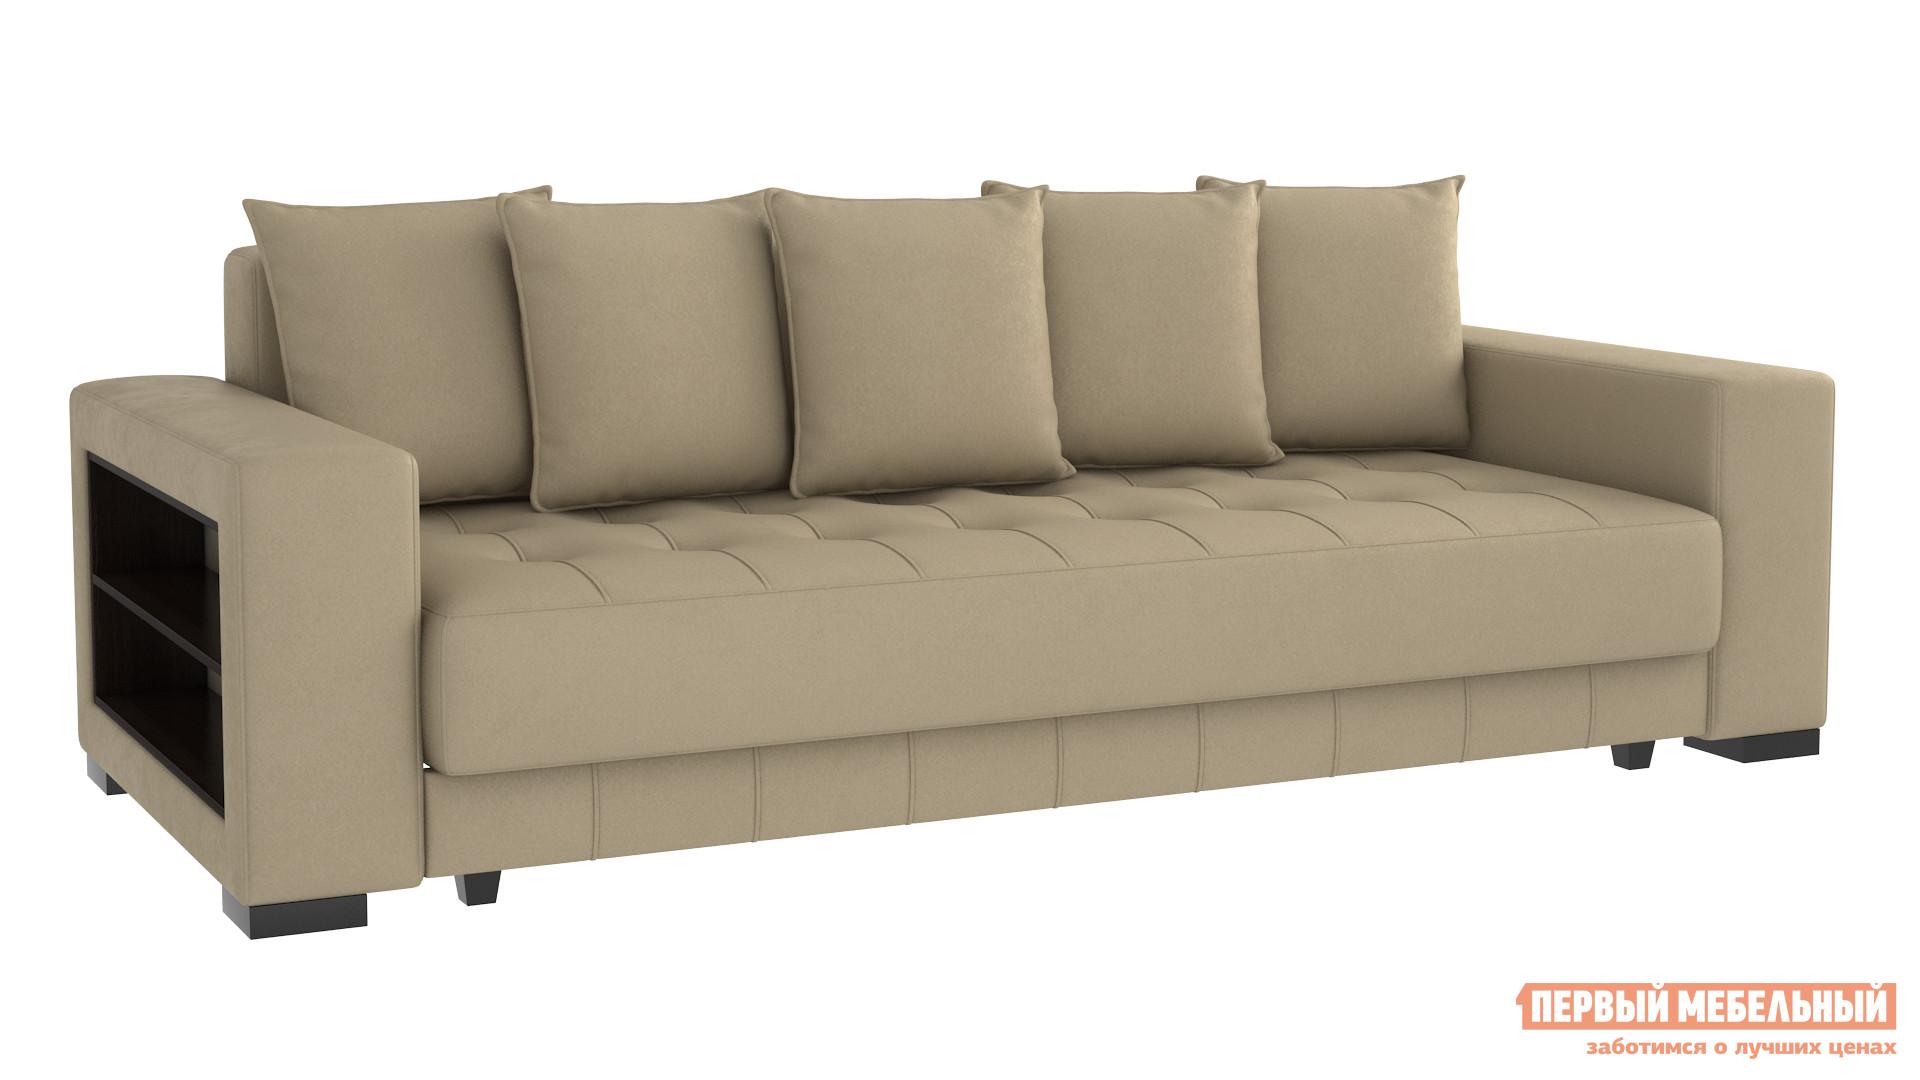 Прямой диван Первый Мебельный Диван Классик кожаный диван nanxi home furniture 123